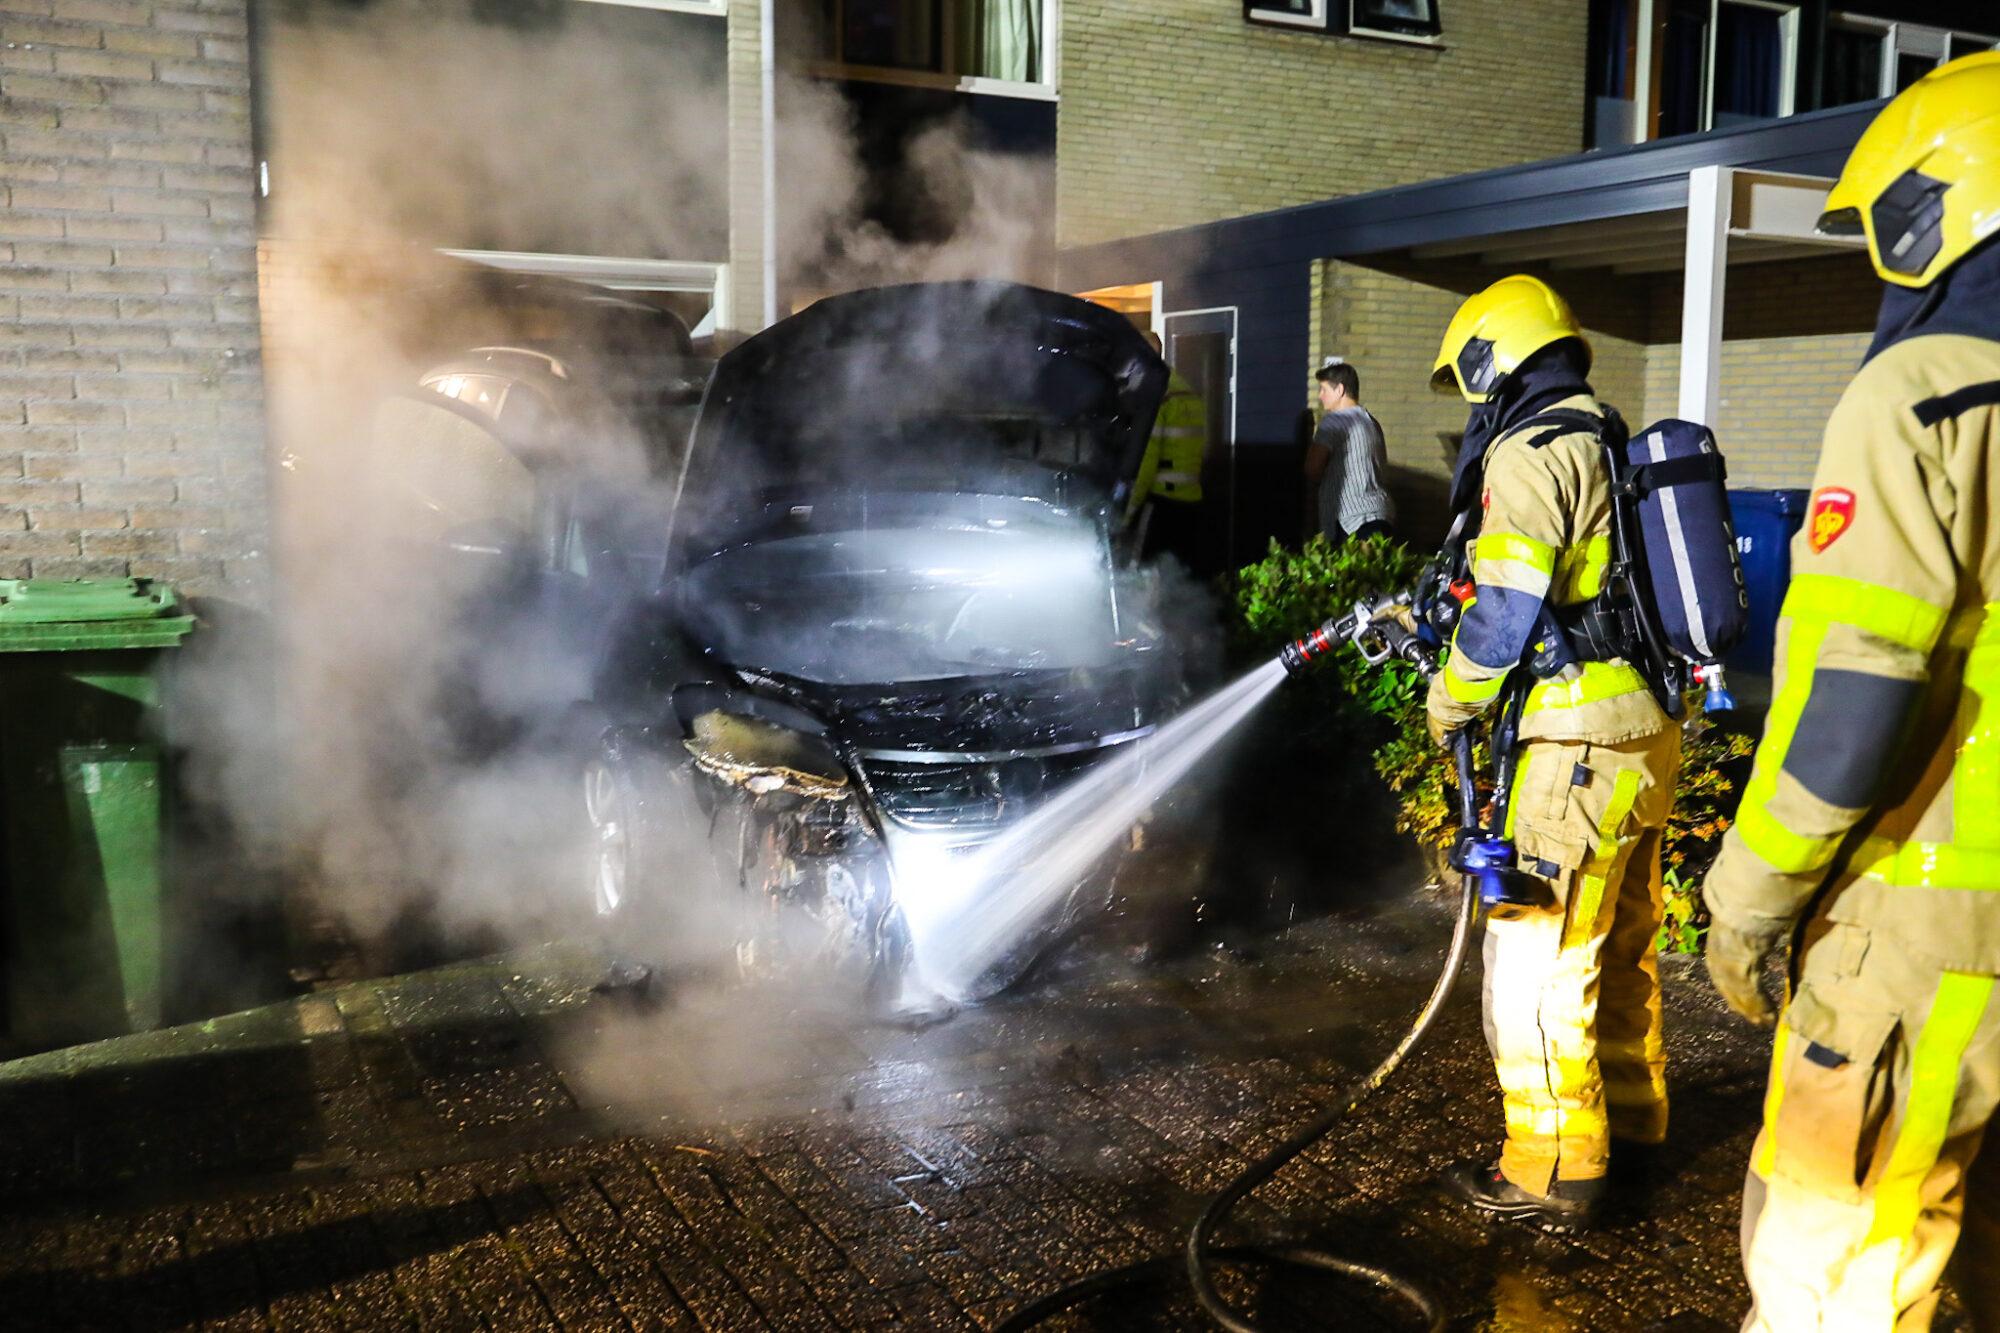 Auto vat vlam op oprit voor woning in Apeldoorn de Maten